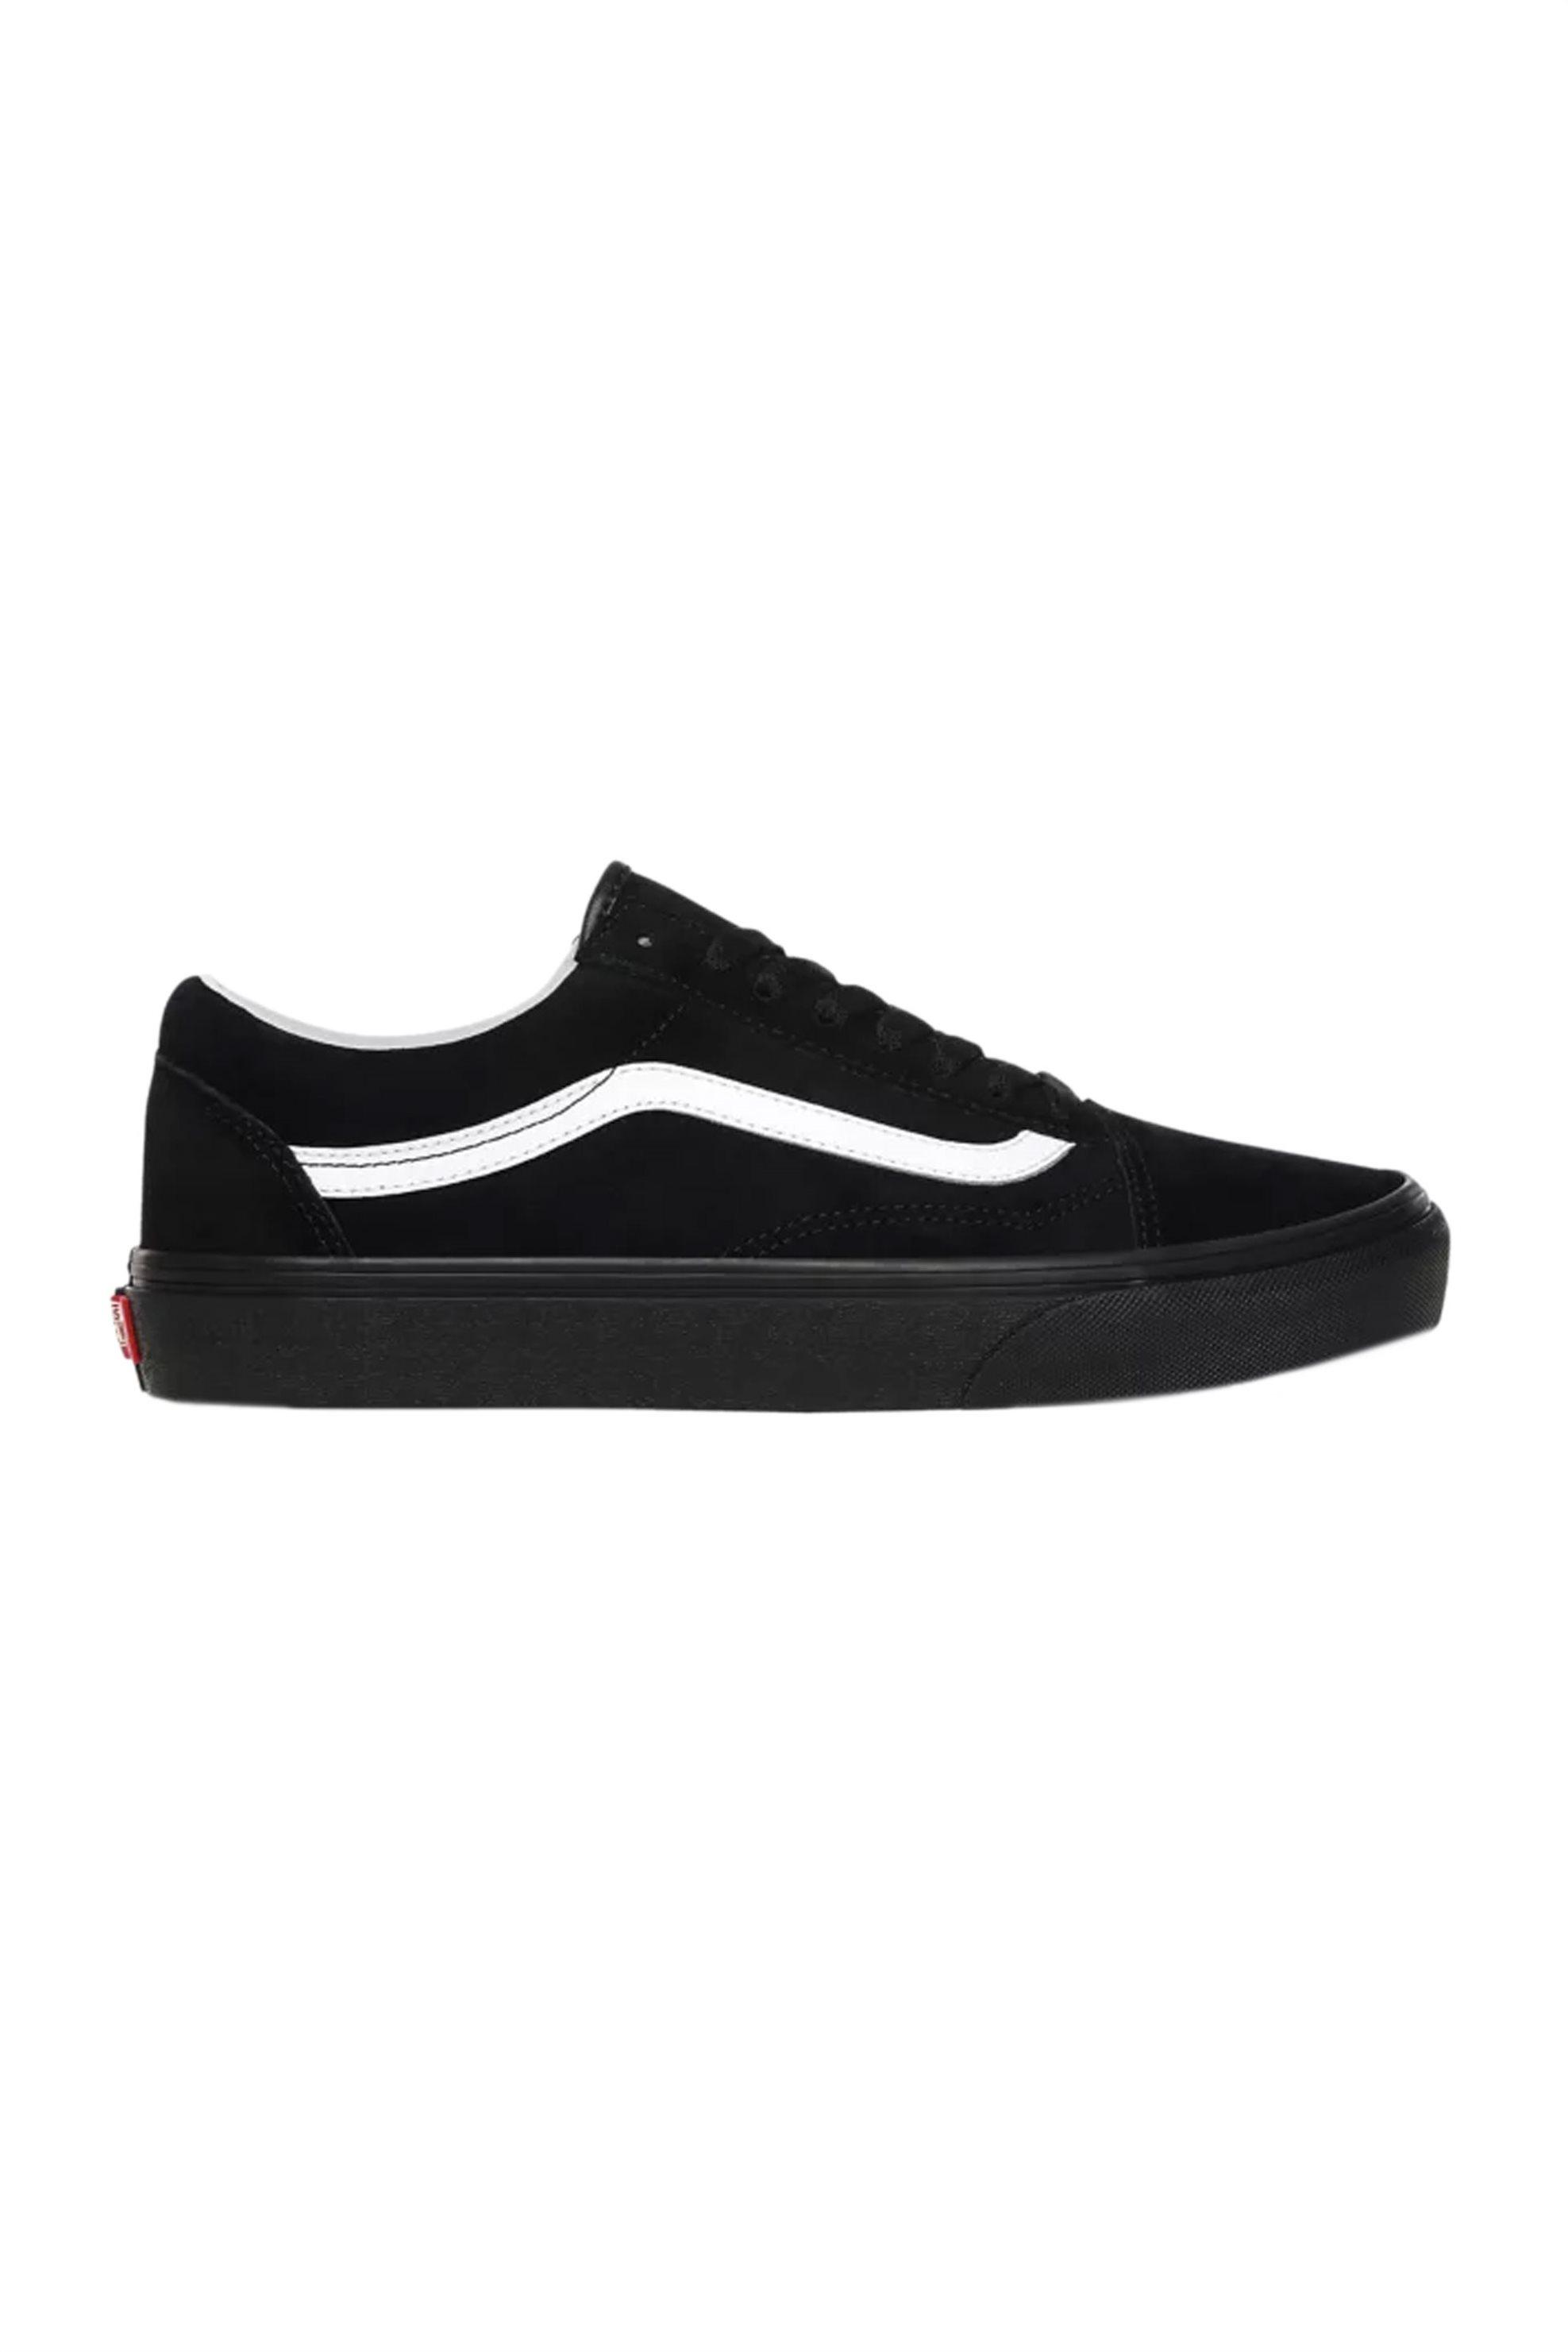 Vans unisex sneakers ''Old Skool'' - VN0A4U3B18L1 - Μαύρο